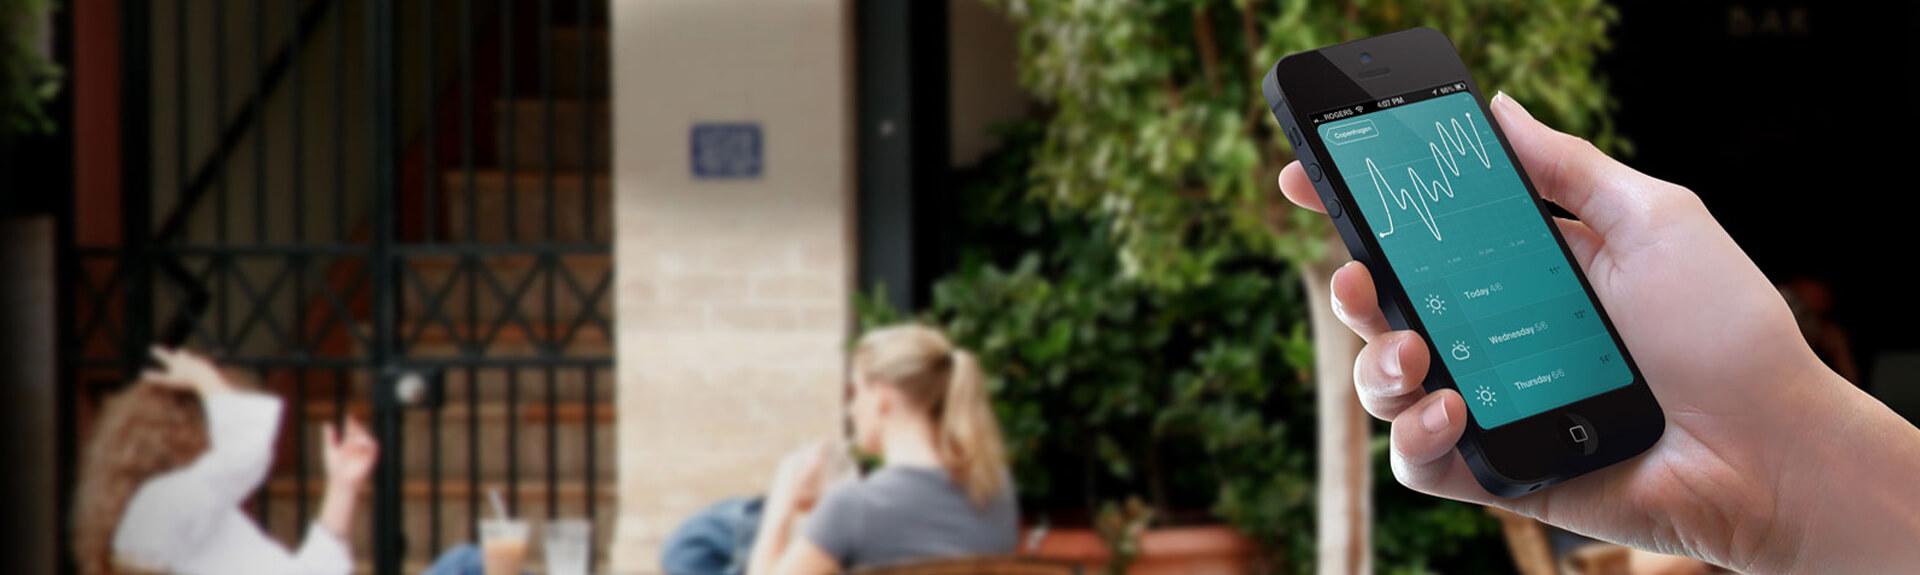 SAP Business One Portals Demos